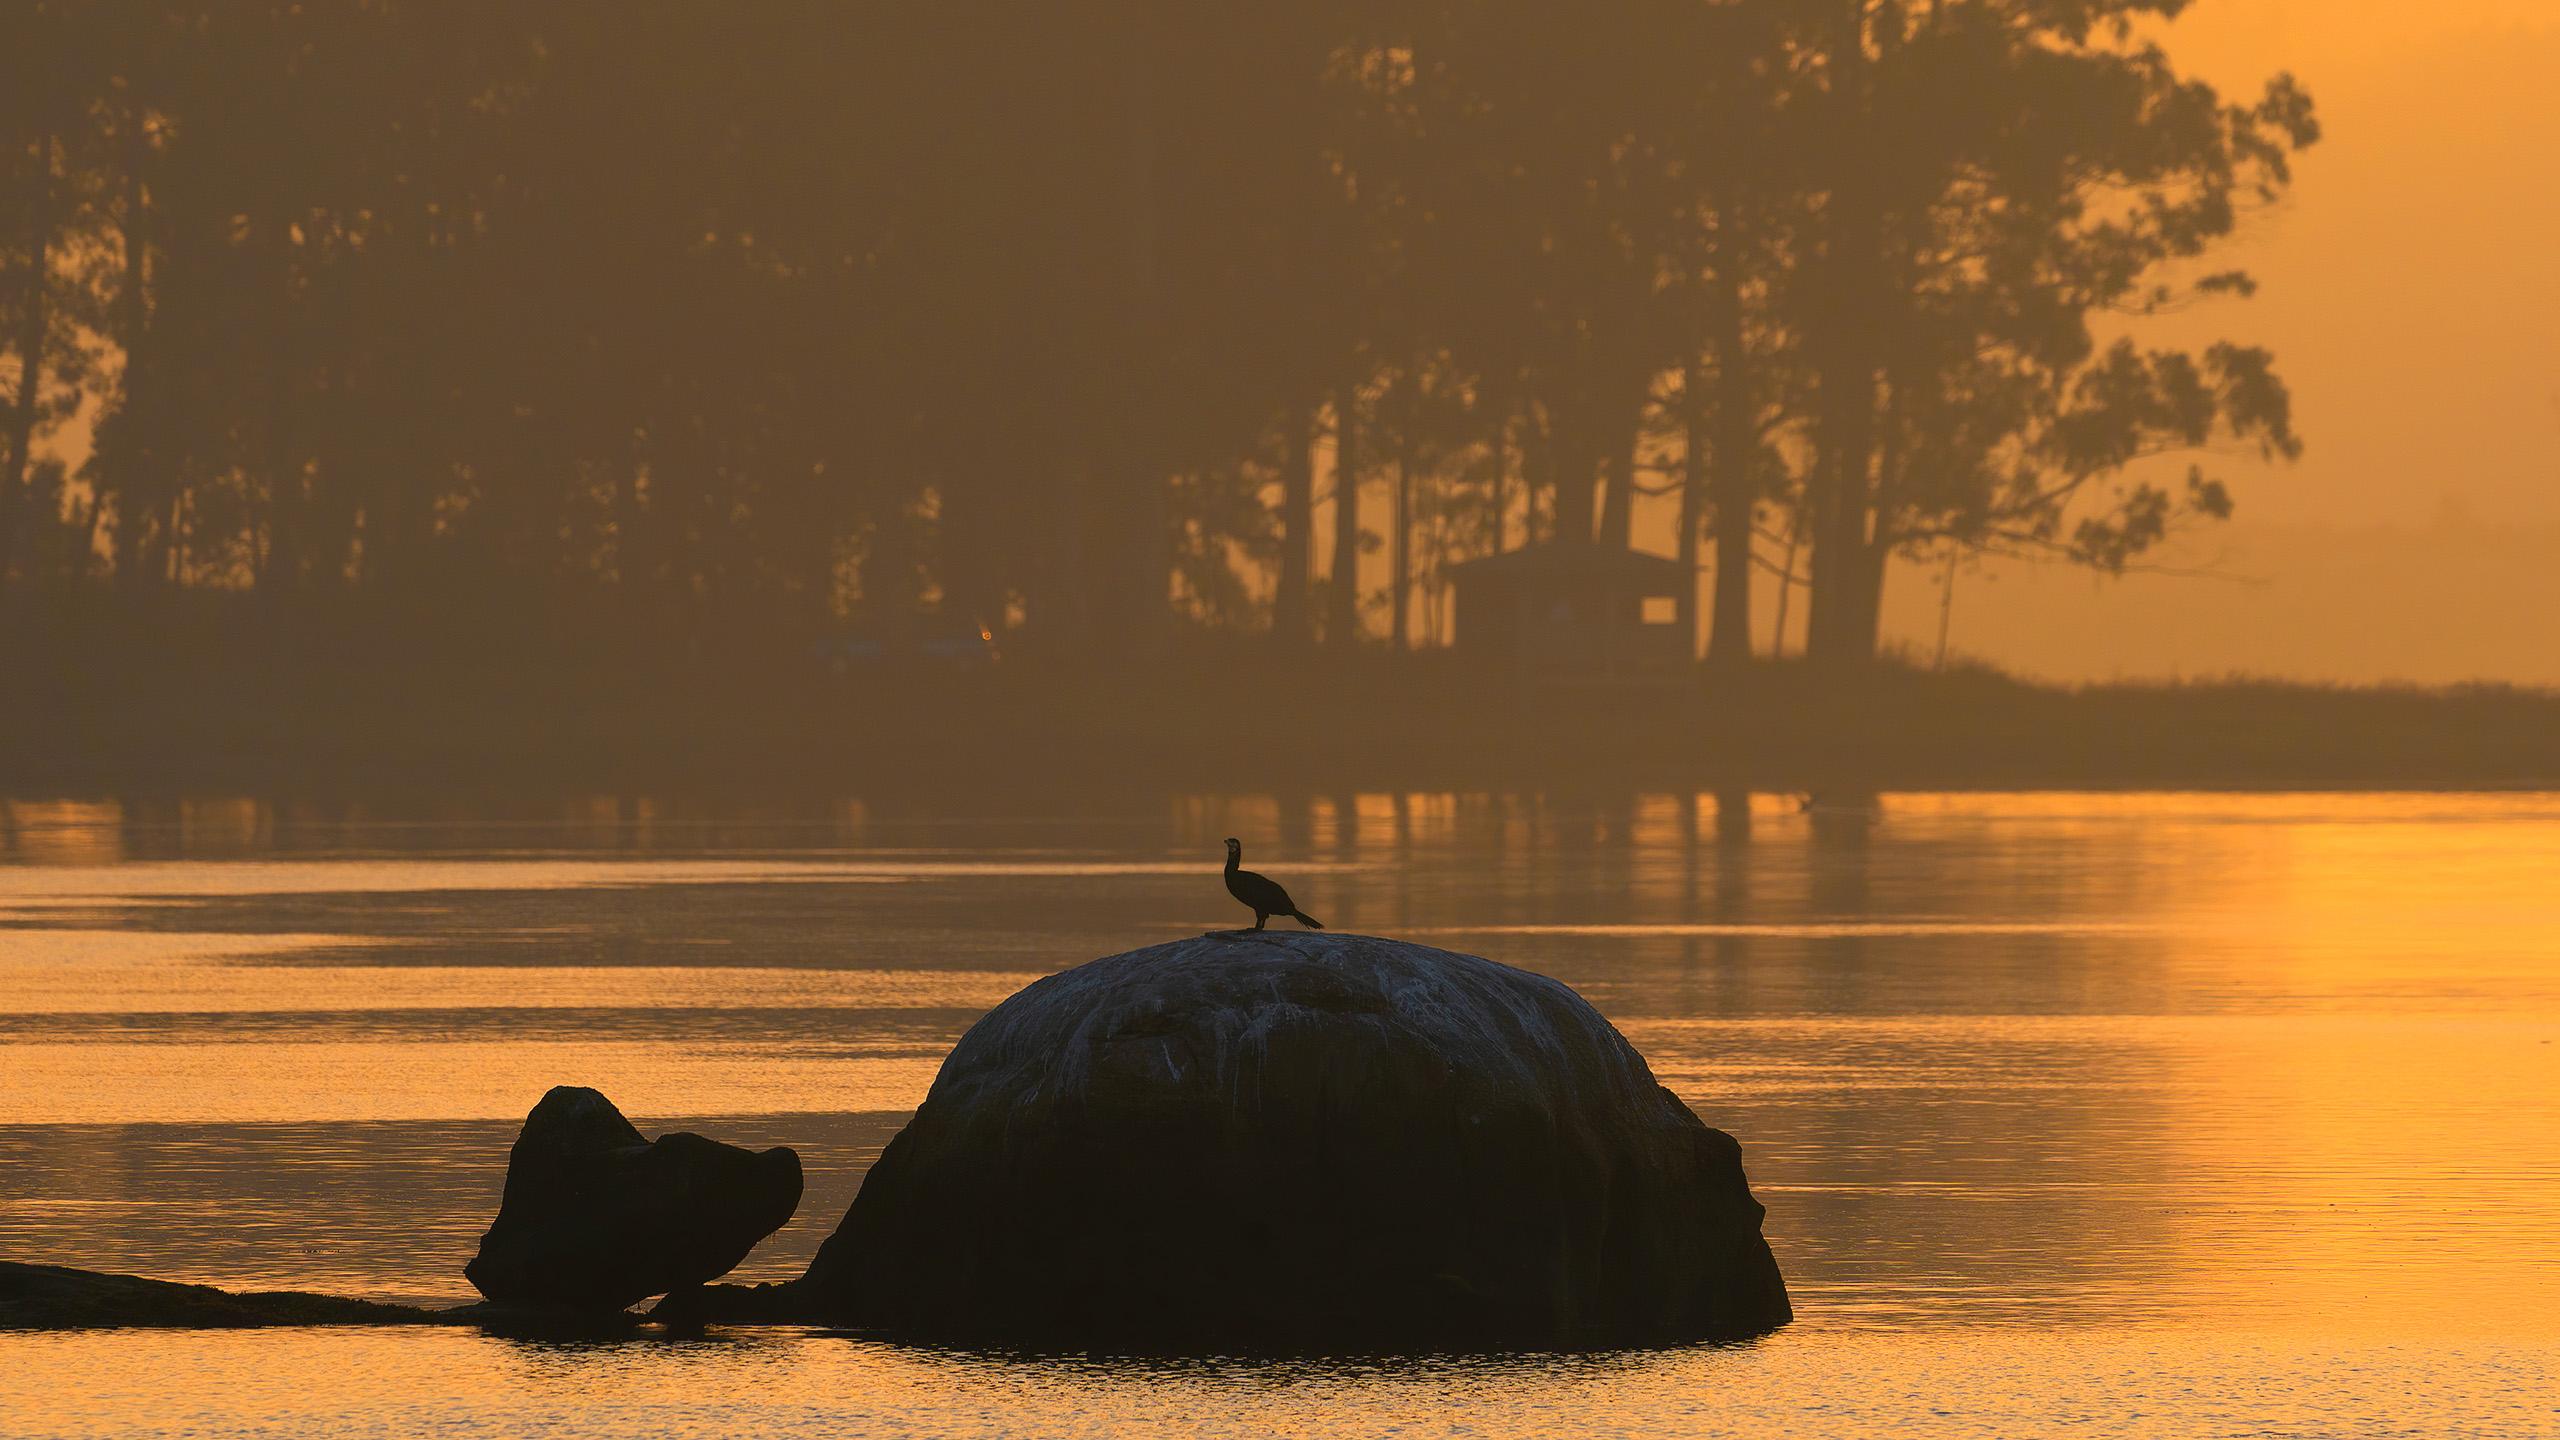 cormoran solitario